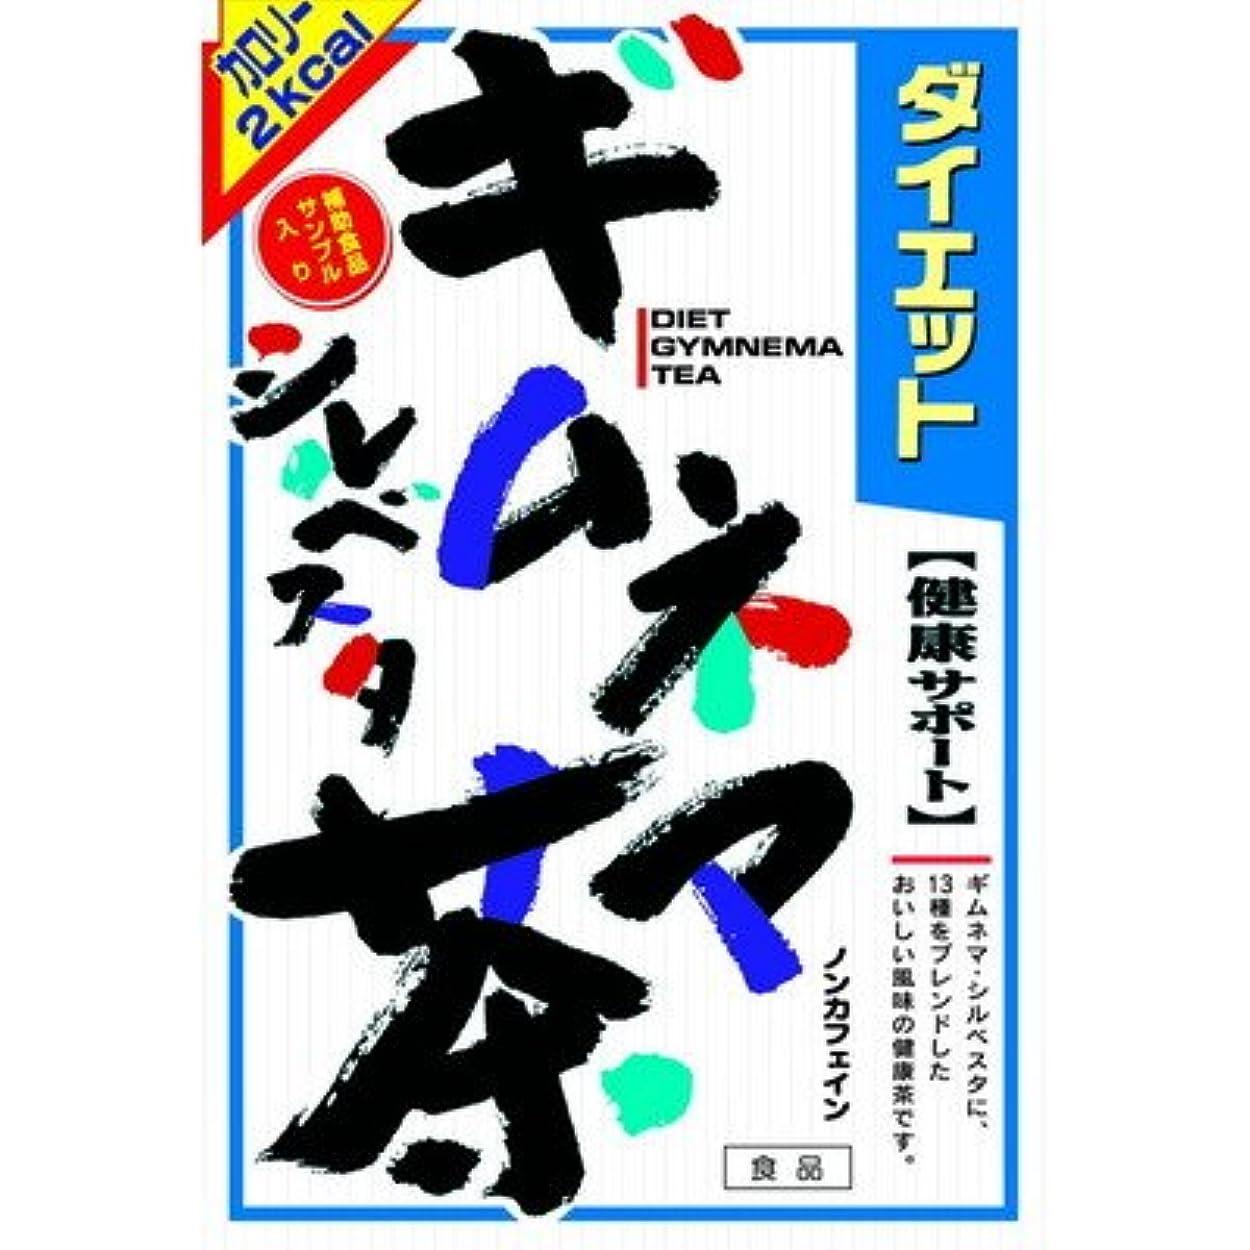 偽物似ているカメ山本漢方 ダイエットギムネマシルベスタ茶 8g x 24包【2個セット】